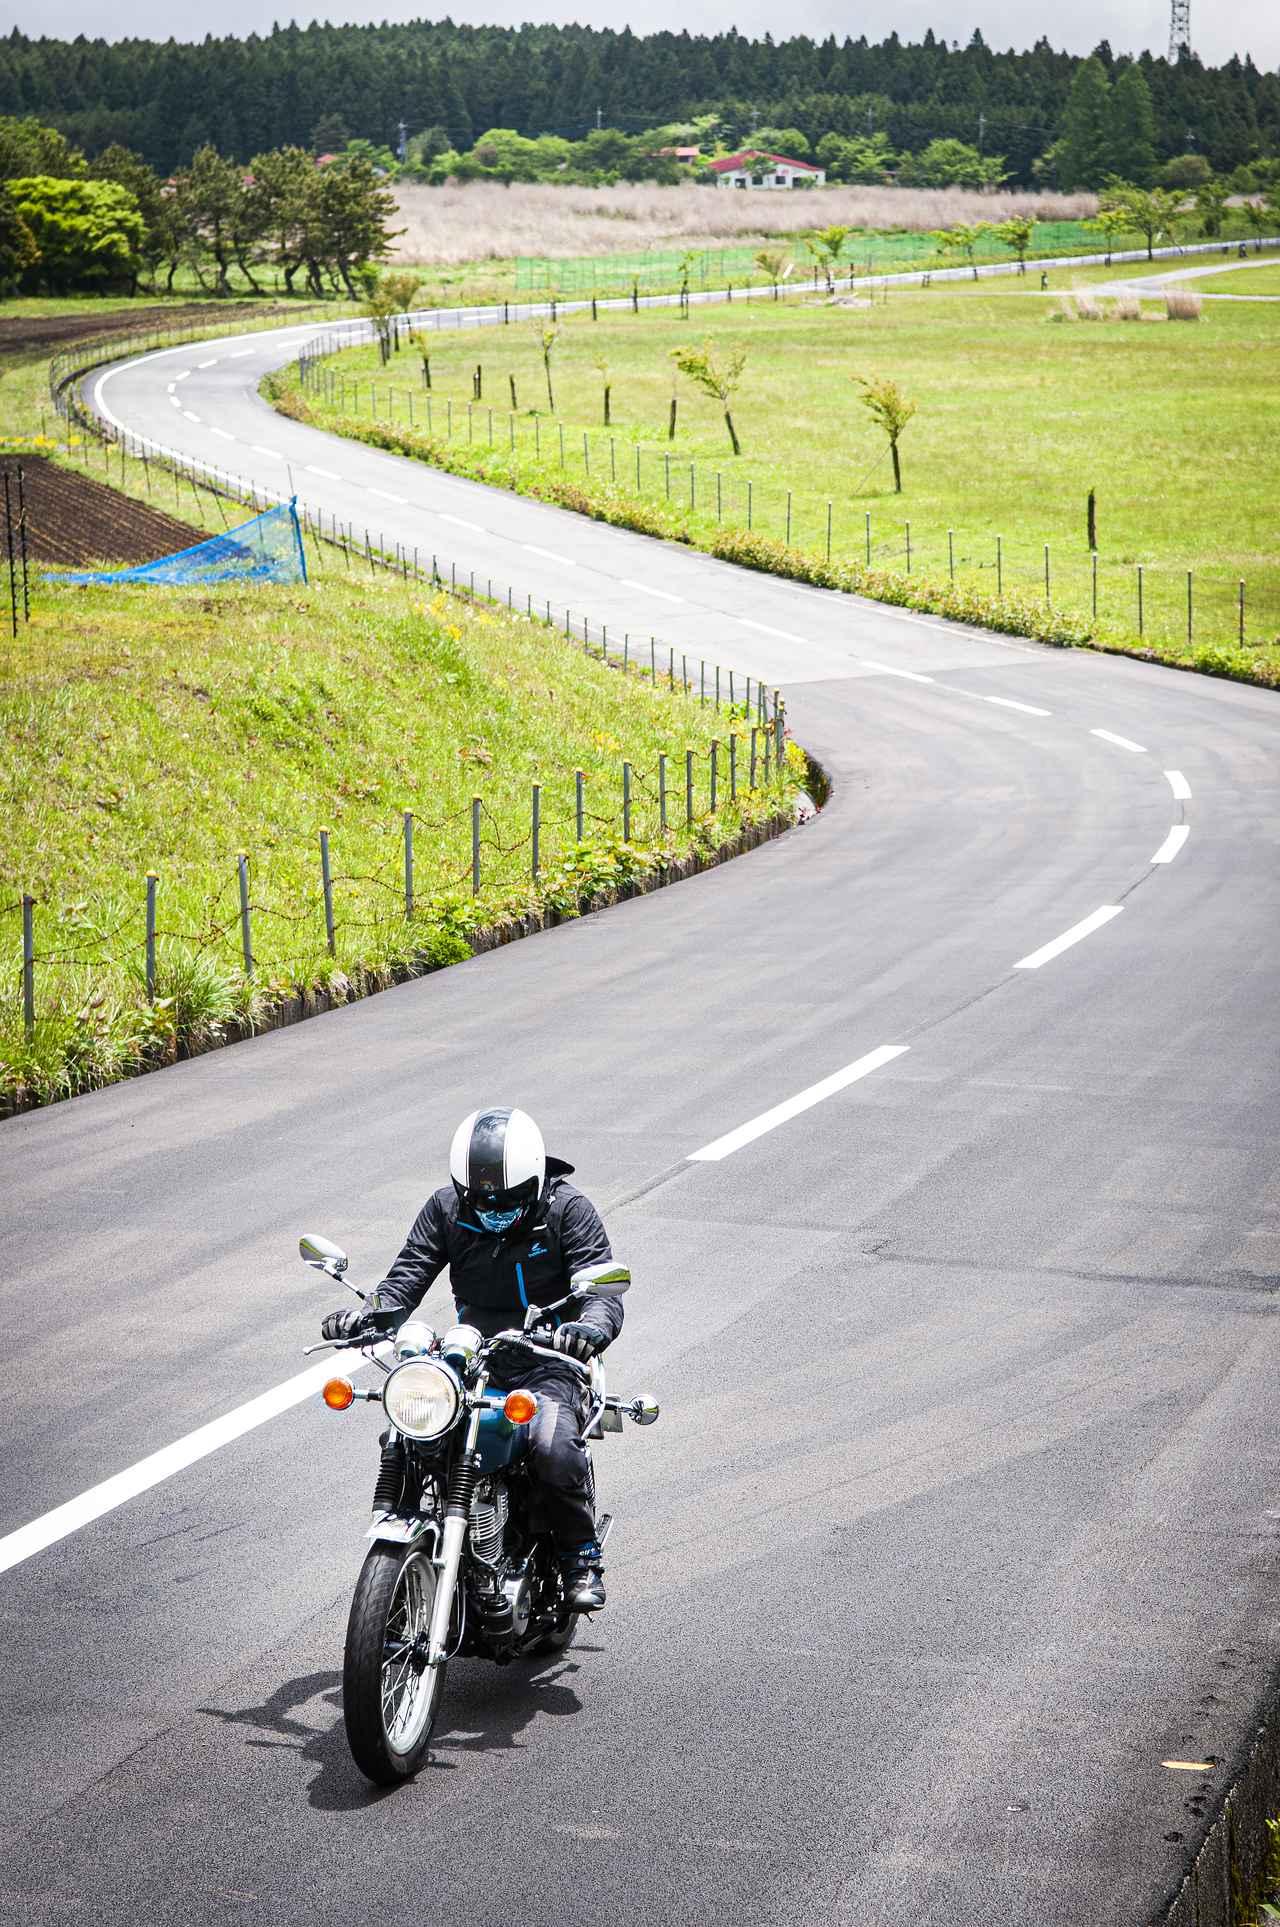 画像: 《前編》ヤマハ『SR400』だけは無条件に愛していい。しかも400ccで〇〇万円って、実は250ccバイクよりもお買い得?【YAMAHA SR400】